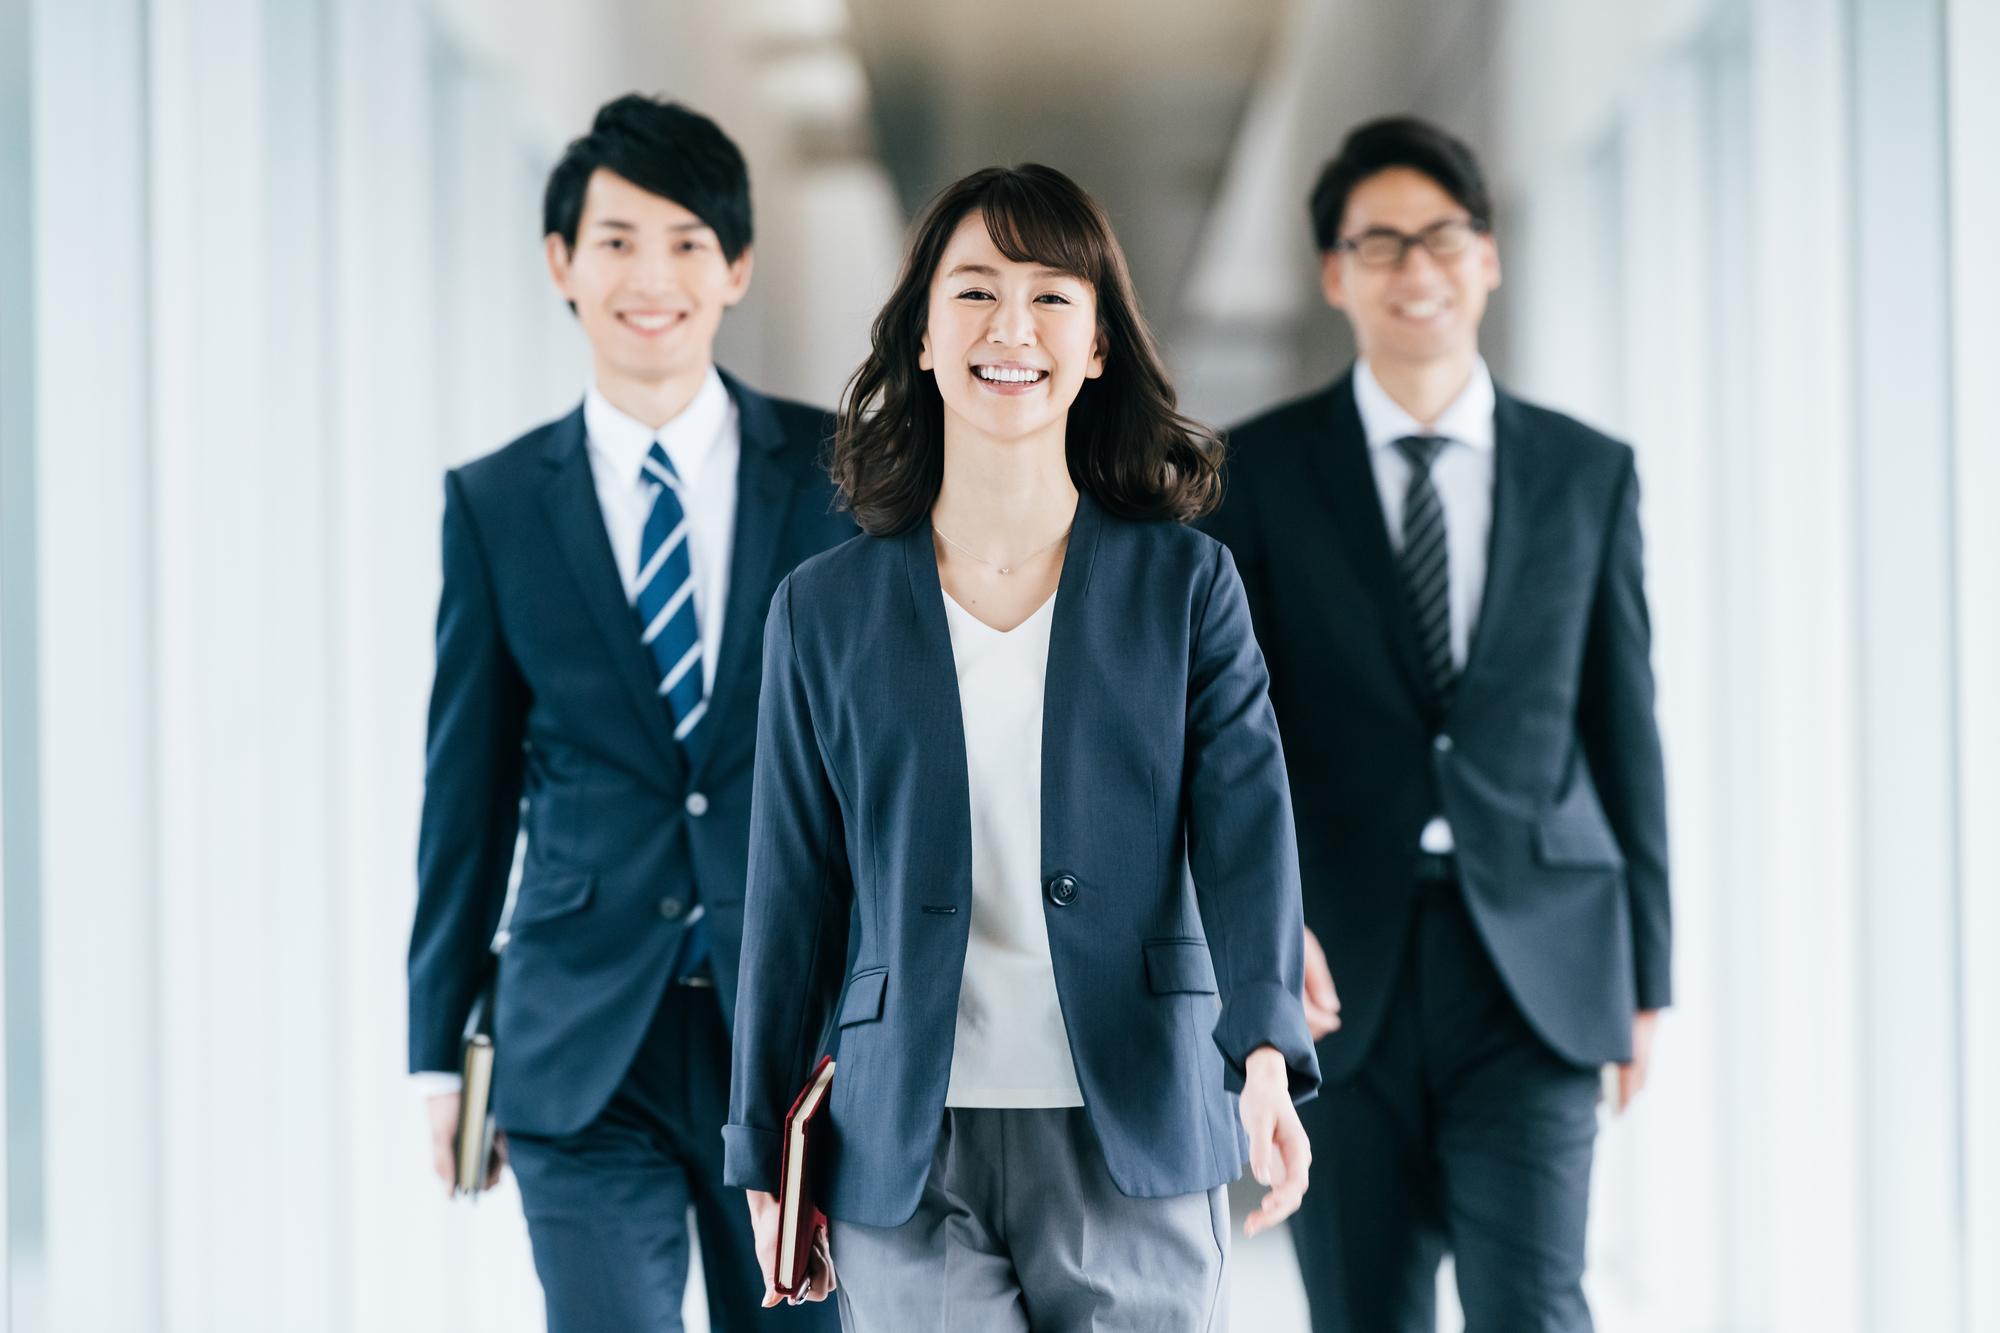 転職に成功する人はどこが違う?理想のキャリアを実現する方法を徹底解説!